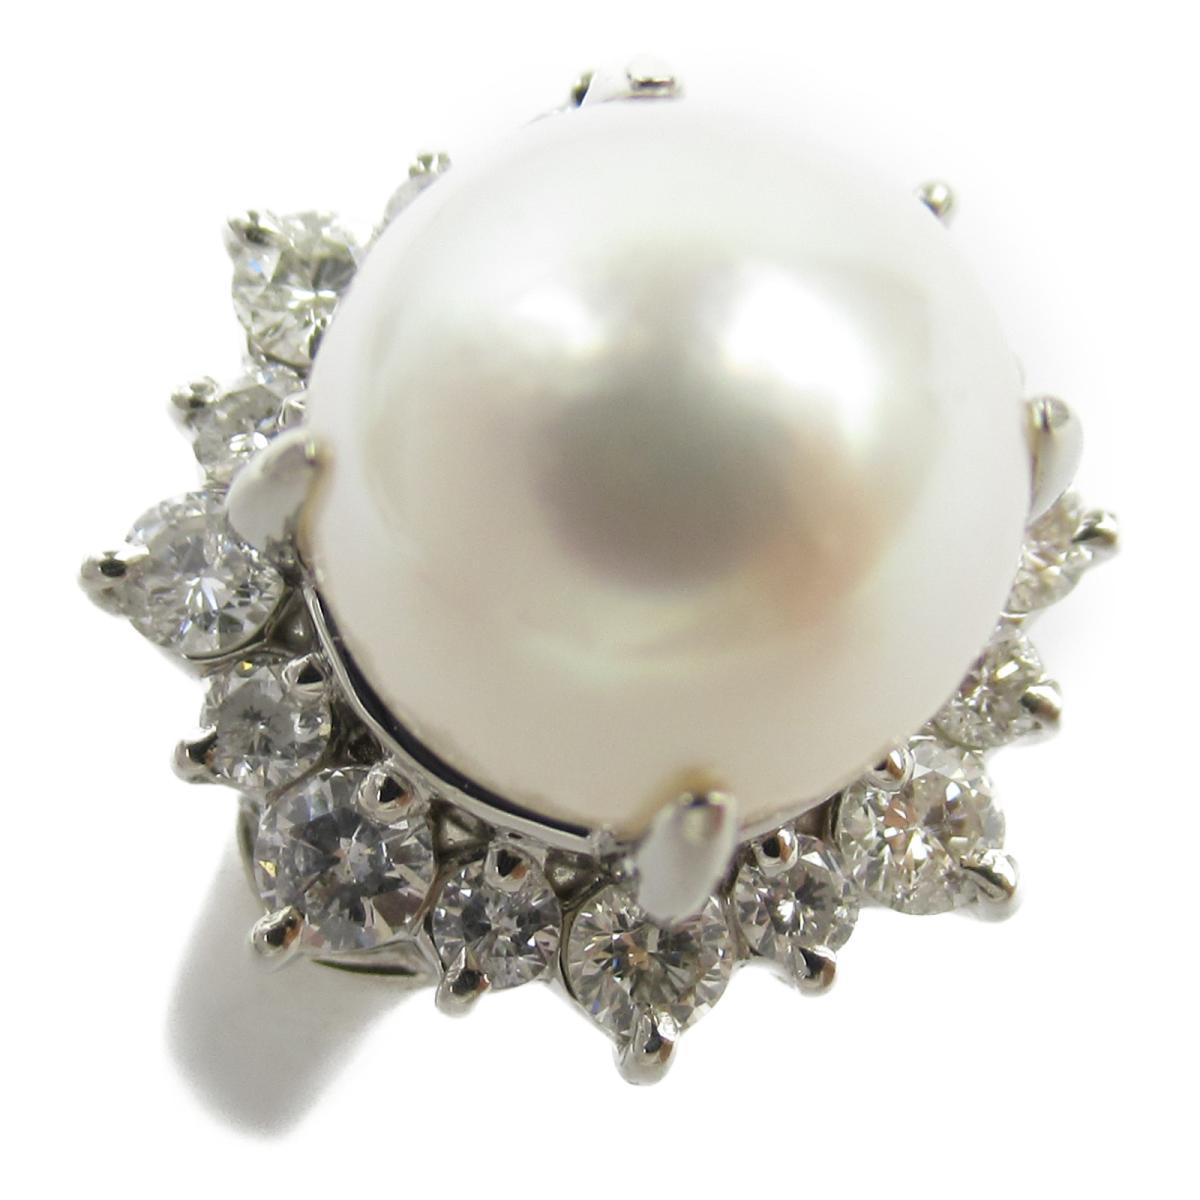 ジュエリー アコヤパール ダイヤモンド リング 指輪 ノーブランドジュエリー レディース PT900 プラチナ x パール約9mm ダイヤモンド0.59ct 【中古】 | JEWELRY BRANDOFF ブランドオフ アクセサリー